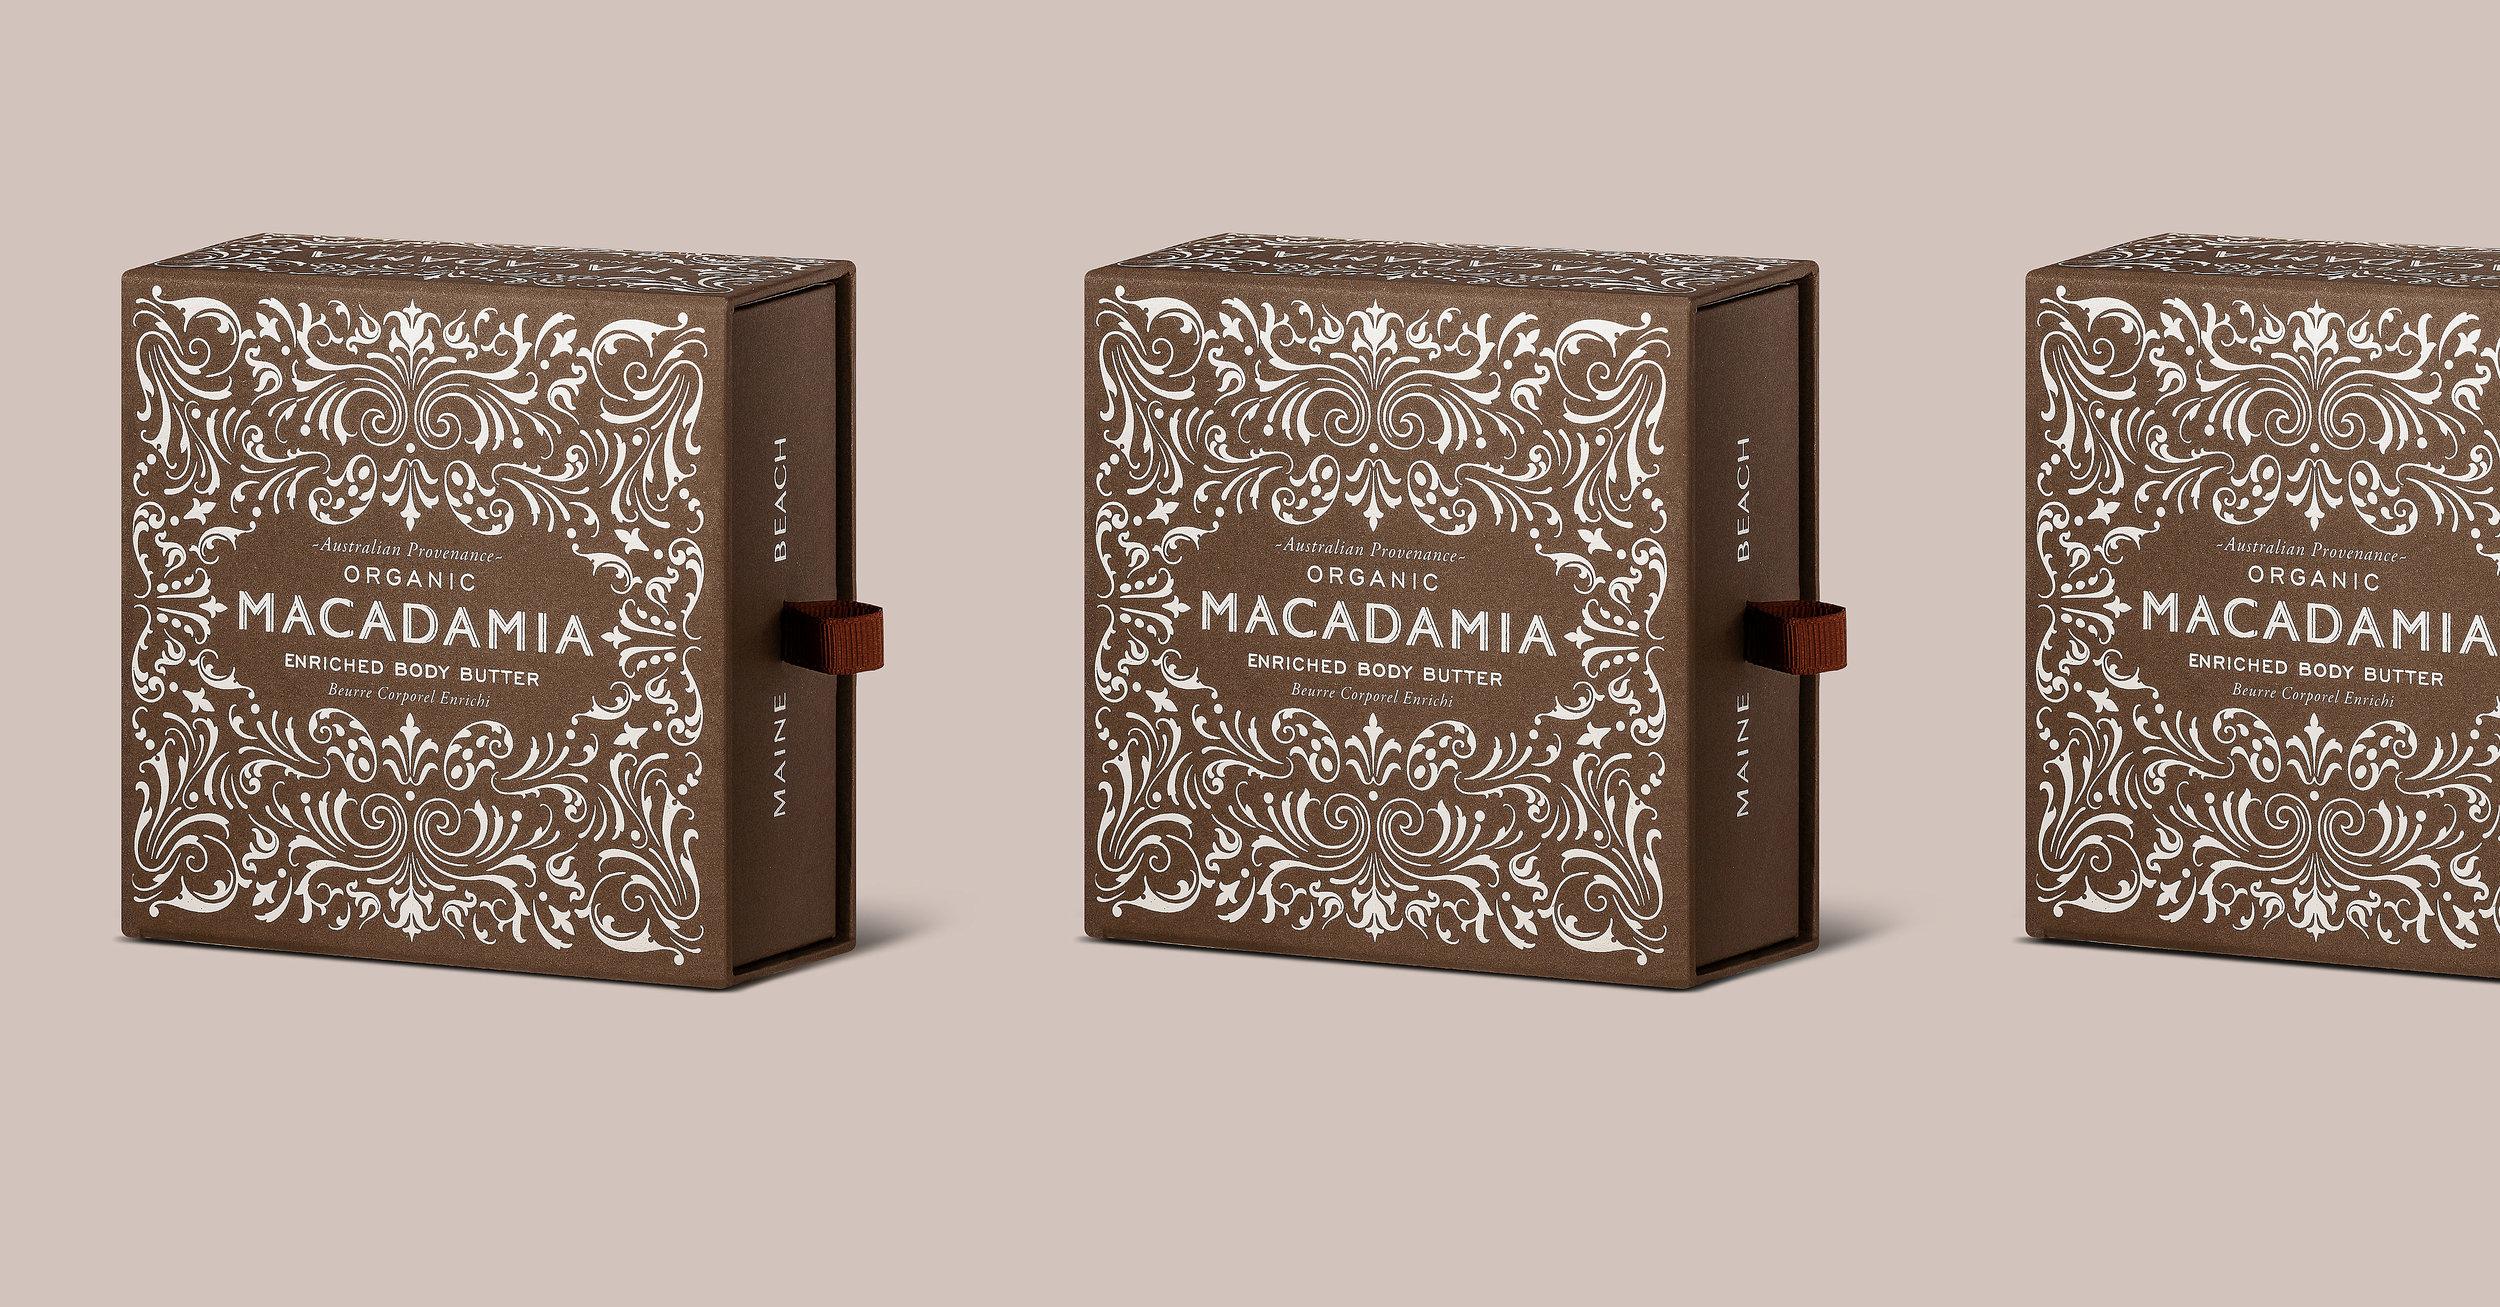 MB_Macadamia_01.jpg